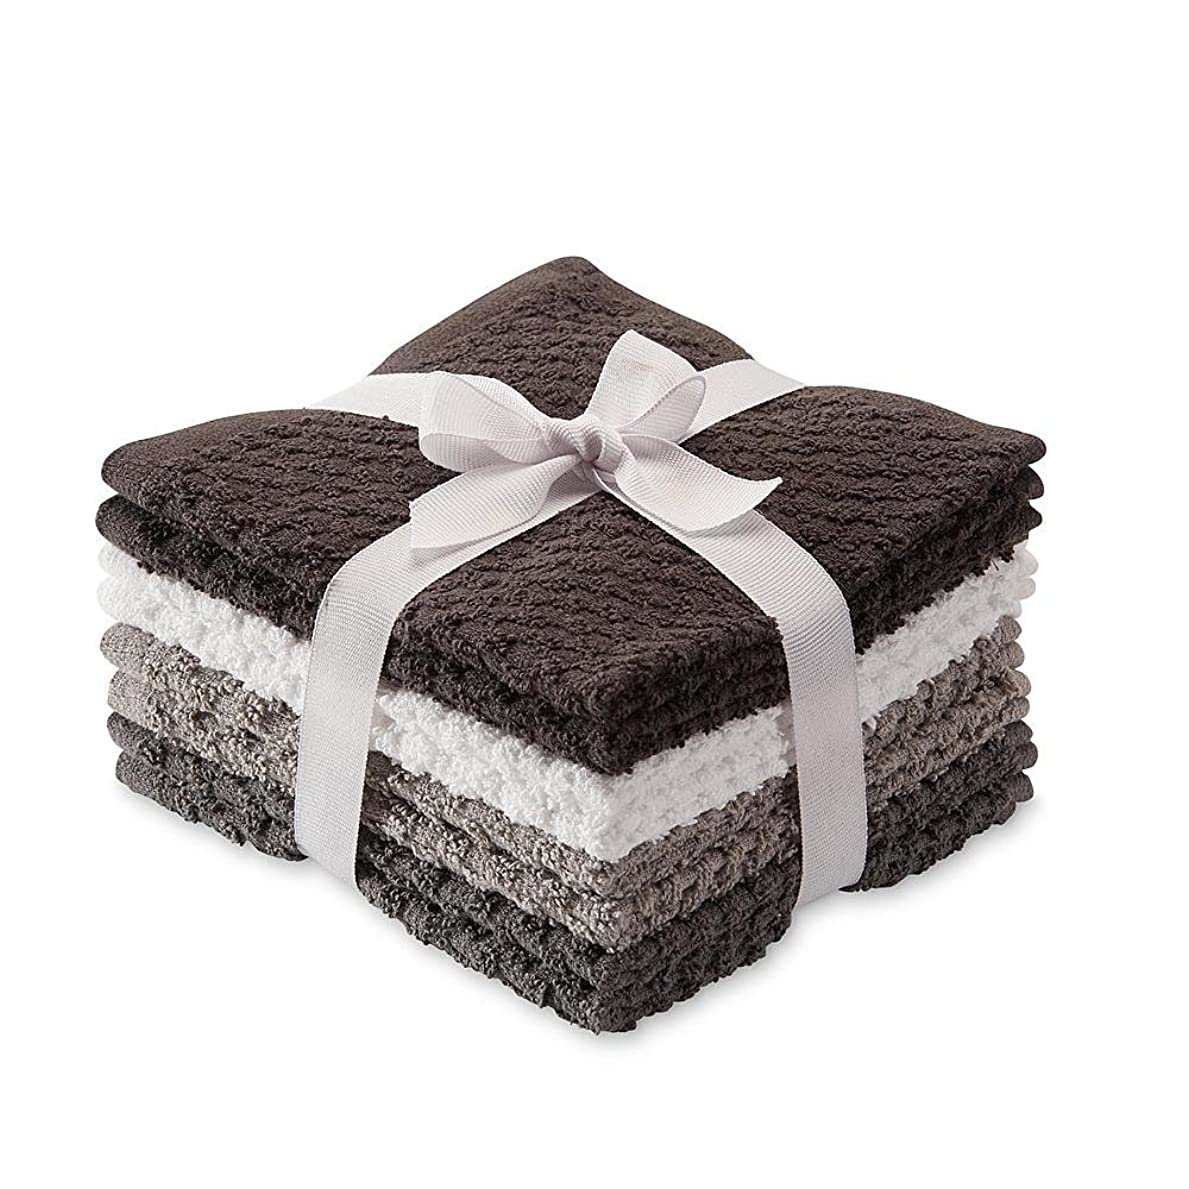 楽しむ特殊朝8パックポップコーンテクスチャテリーWash Cloths Ragsチャコールダークグレーグレーホワイト